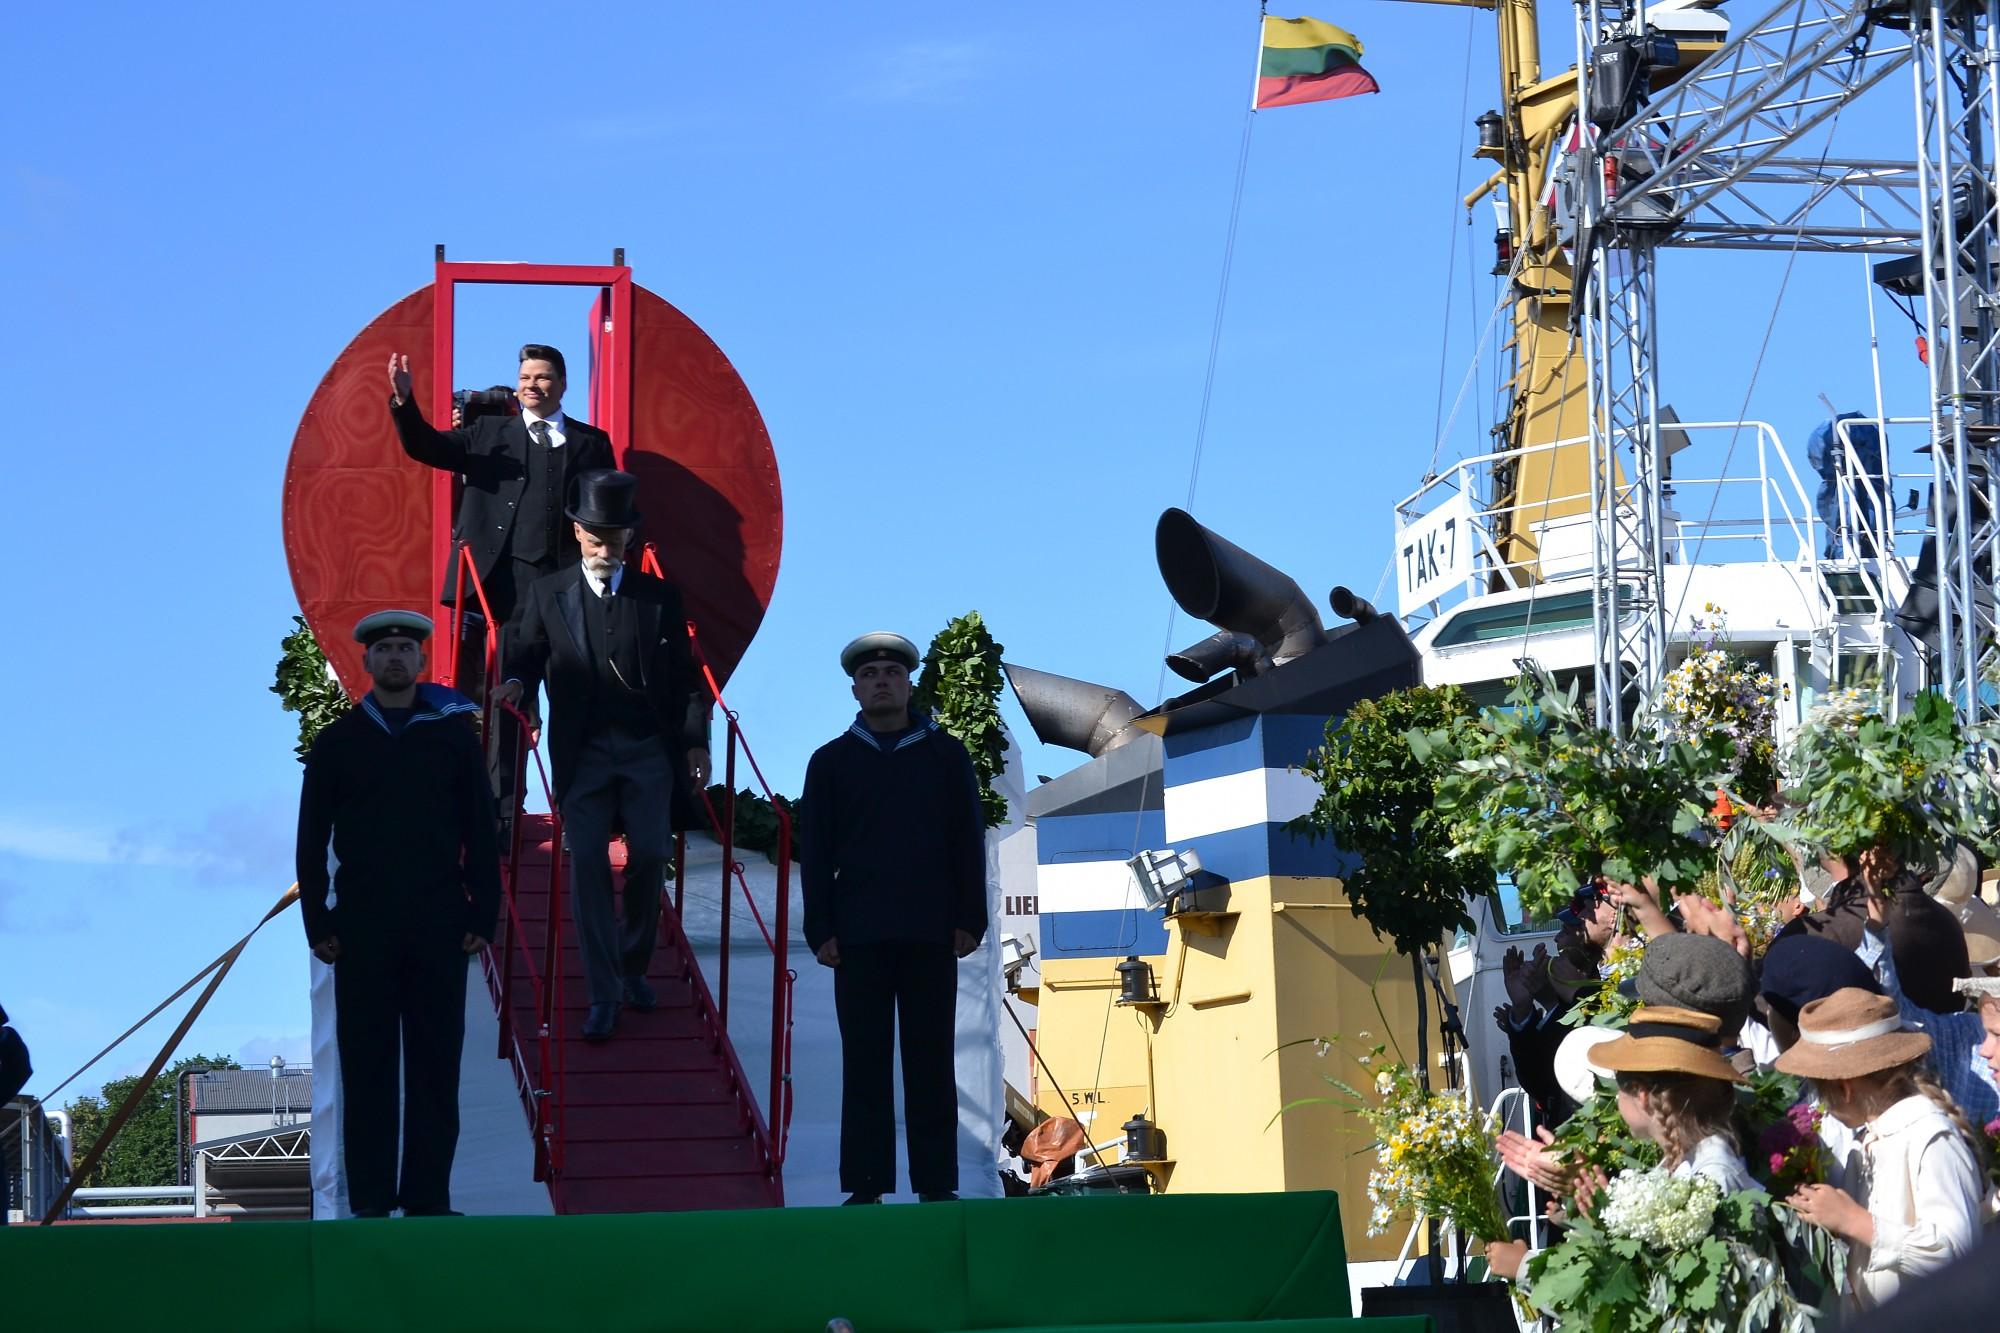 """""""Saratov"""" rekonstrukcijā satiekas mūsdienu un 100 gadus iepriekš esošās valdības"""